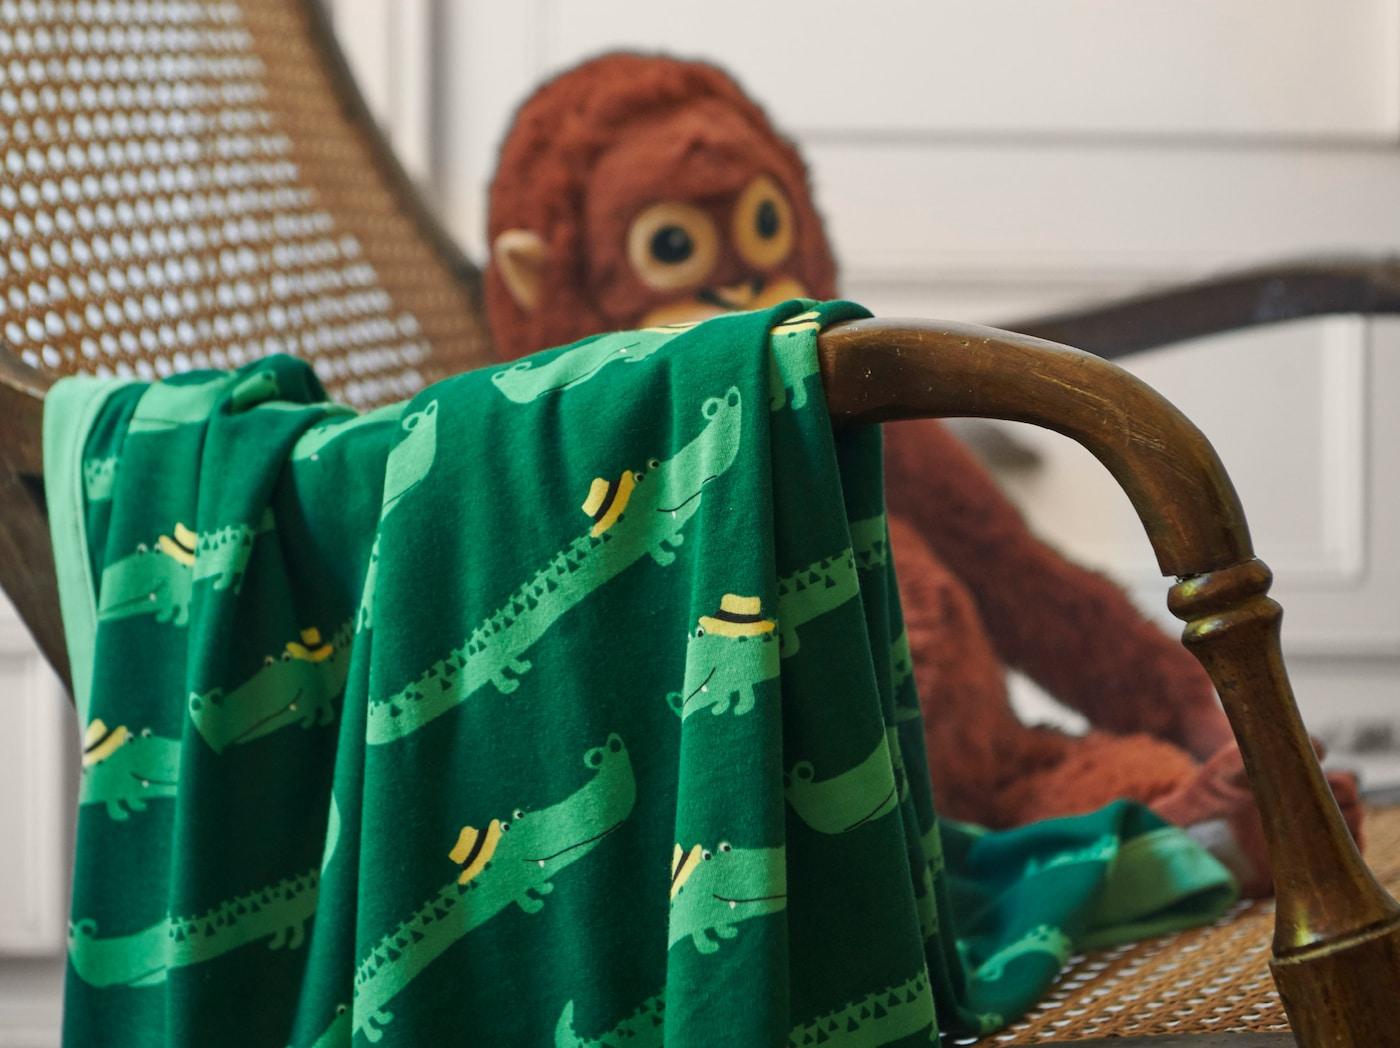 Eine grüne RÖRANDE Decke mit Krokodil-Motiven liegt auf einem Holzstuhl.